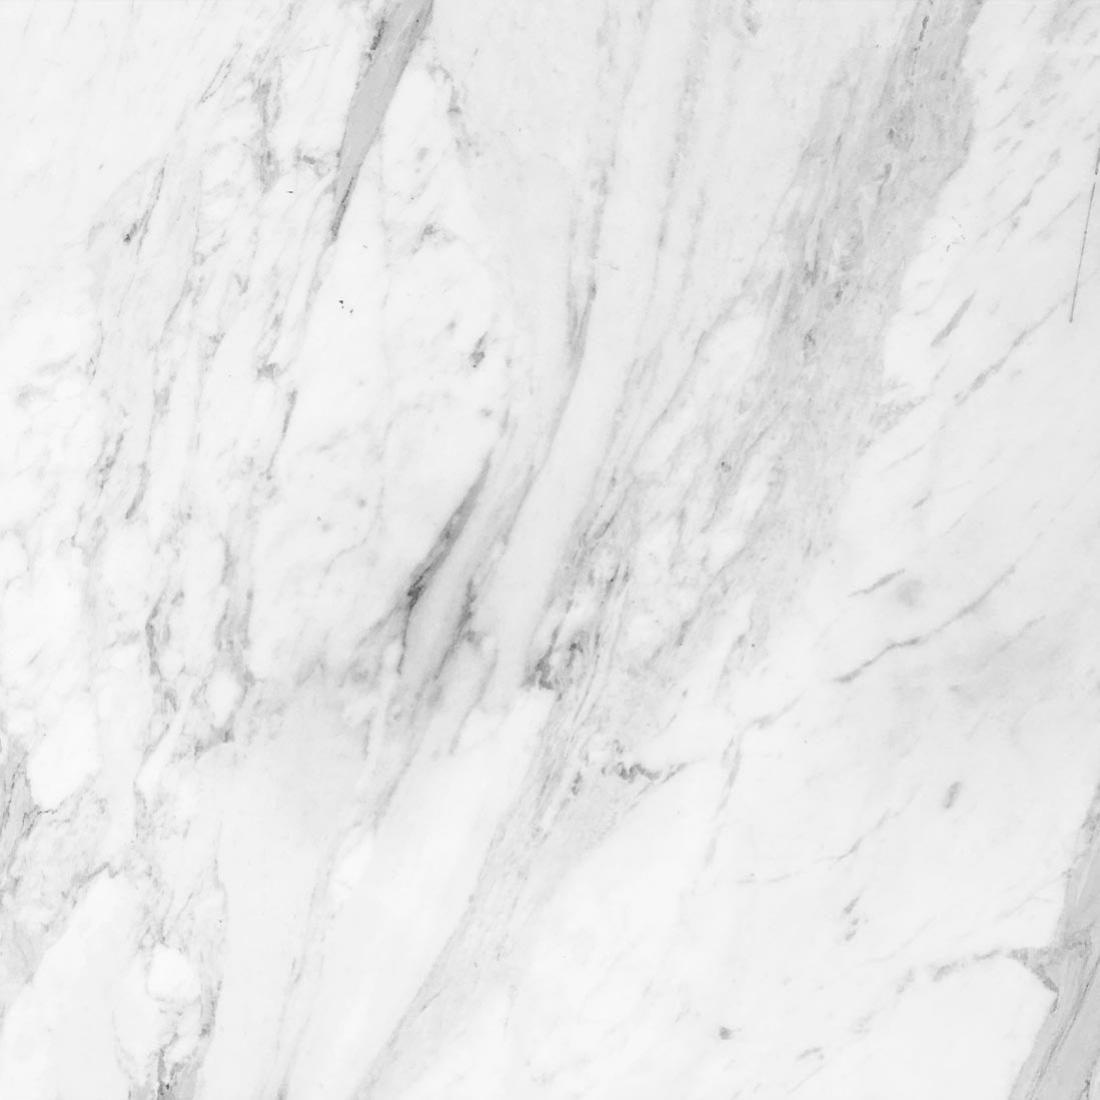 texture marbre blanc